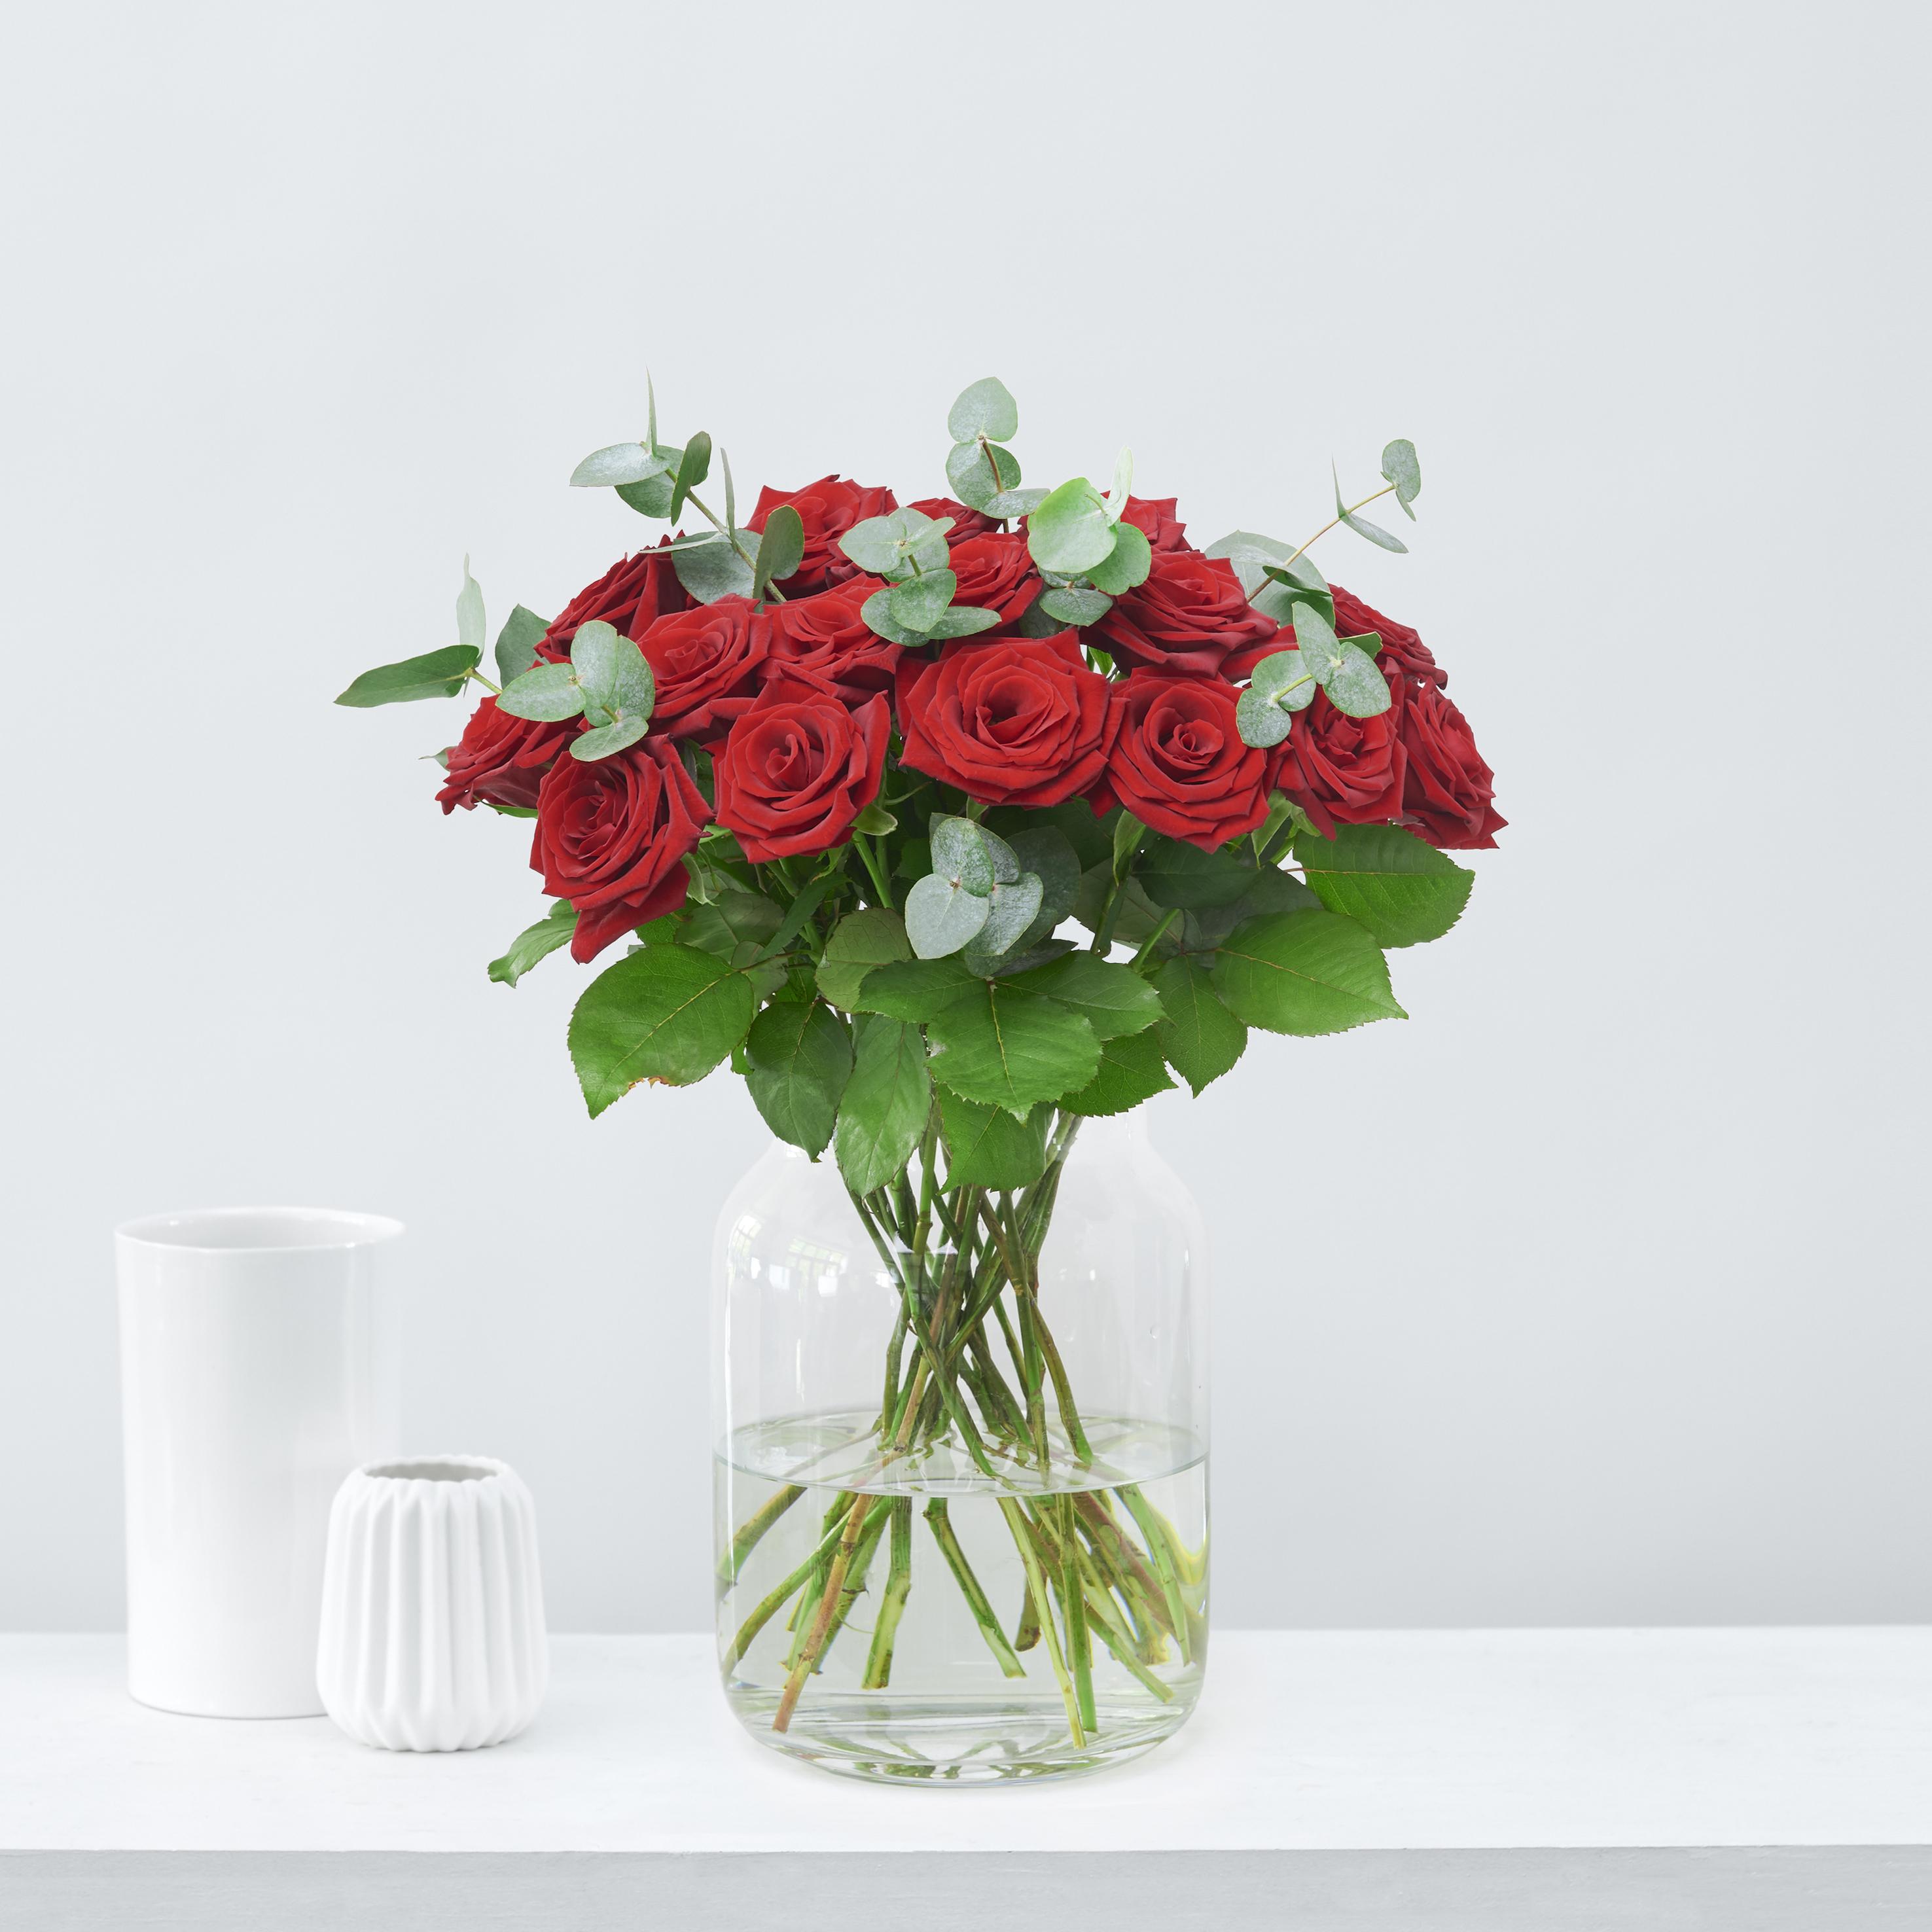 Bloomy Days Blumen Abo Blumen Online Bestellen